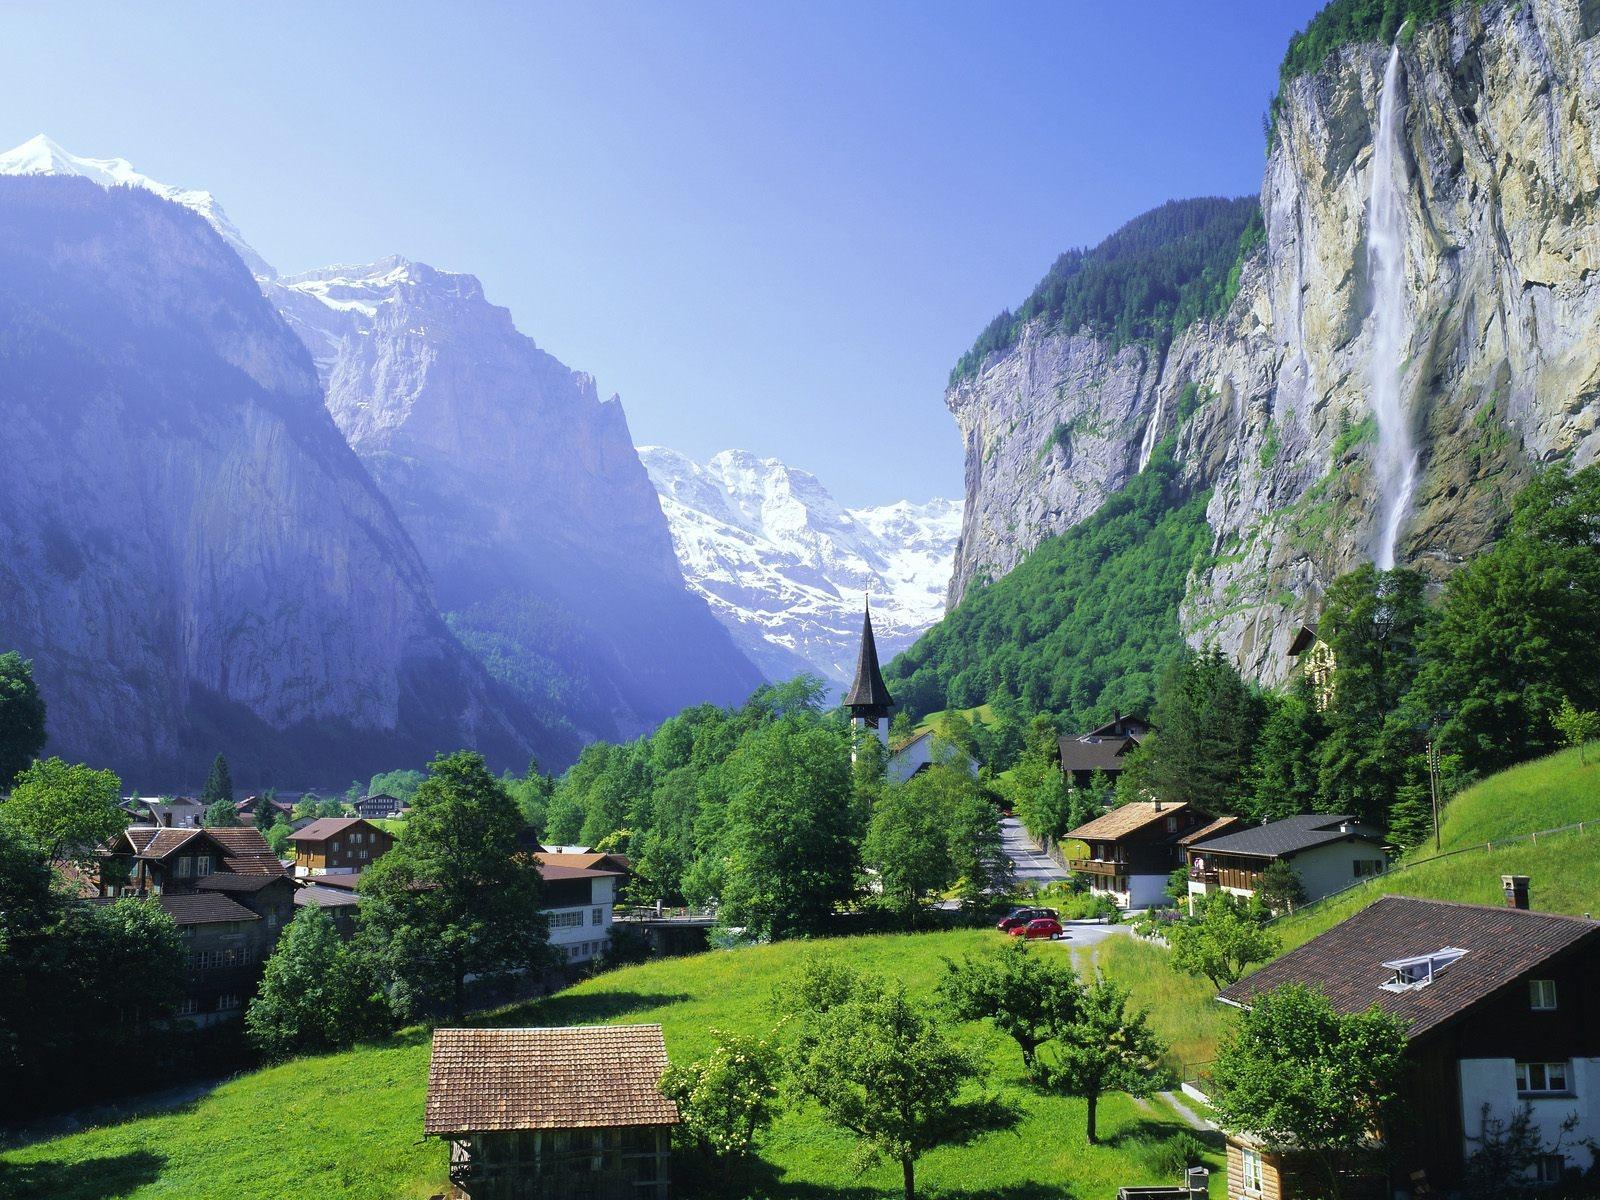 Скачать обои деревня в горах 1600x1200